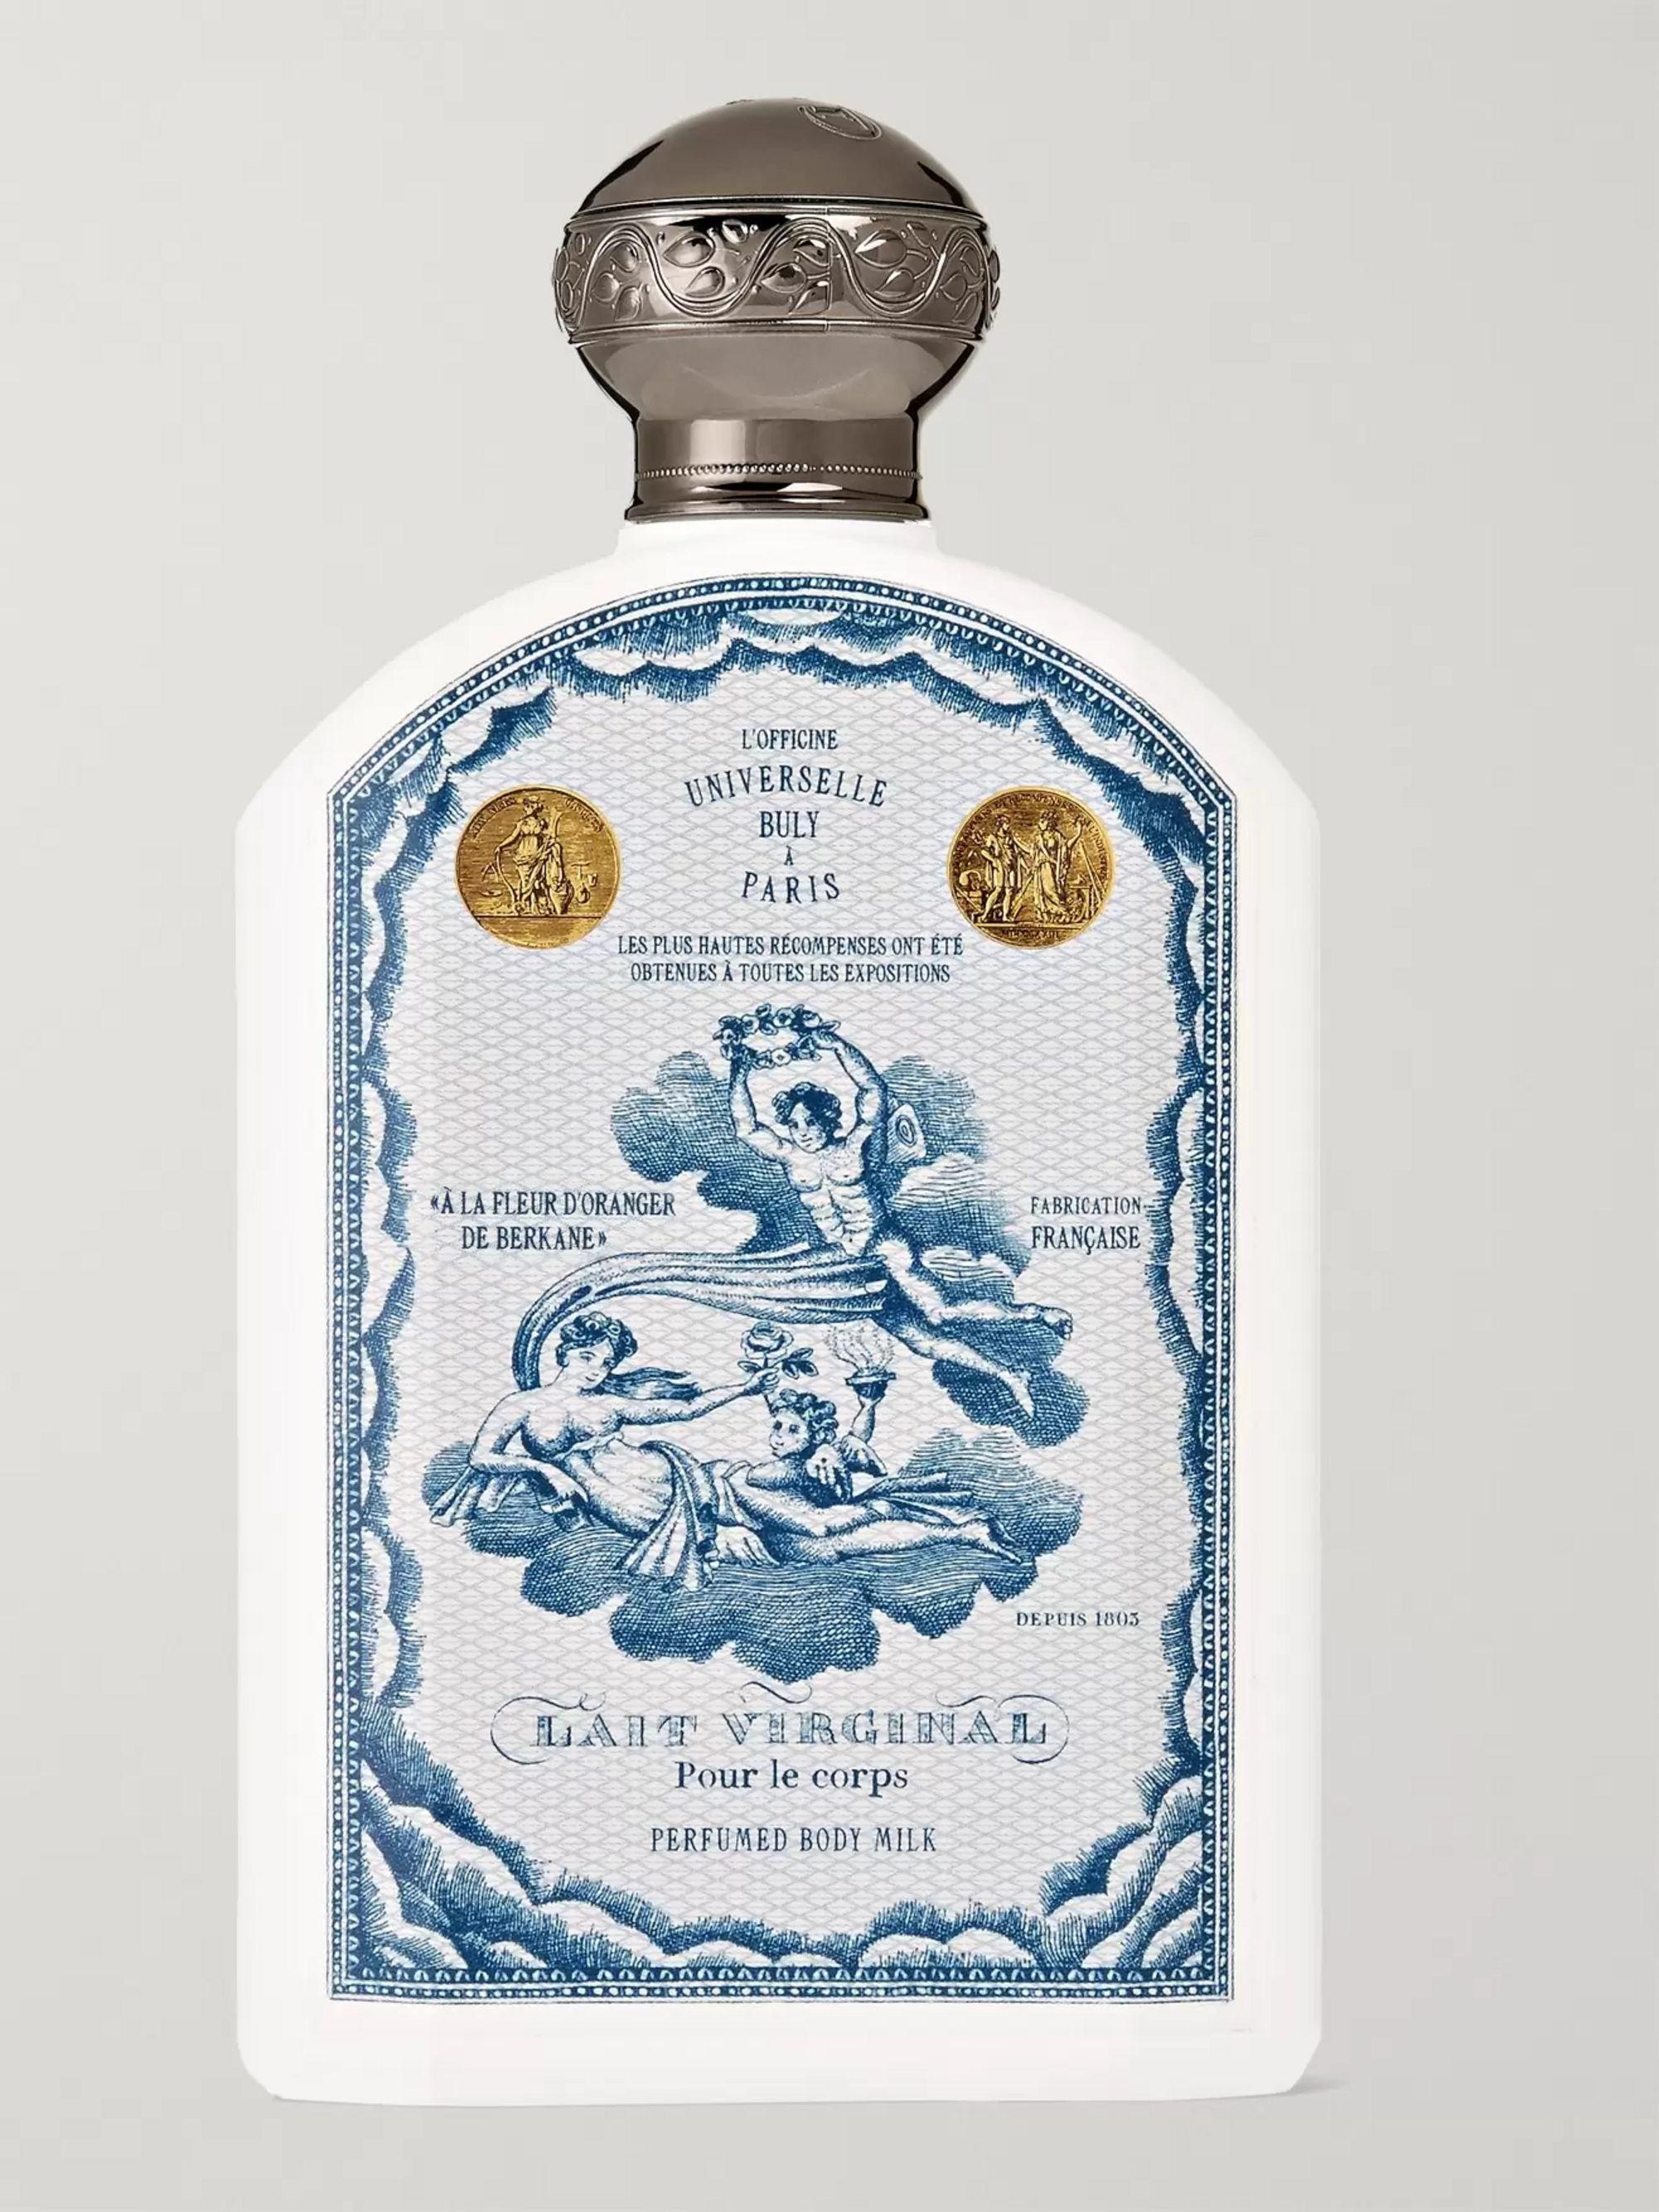 불리1803 레 비지날 '베르켄 오렌지 블로썸' 바디 밀크 (190ml) Buly 1803 Lait Virginal Berkane Orange Blossom Body Milk